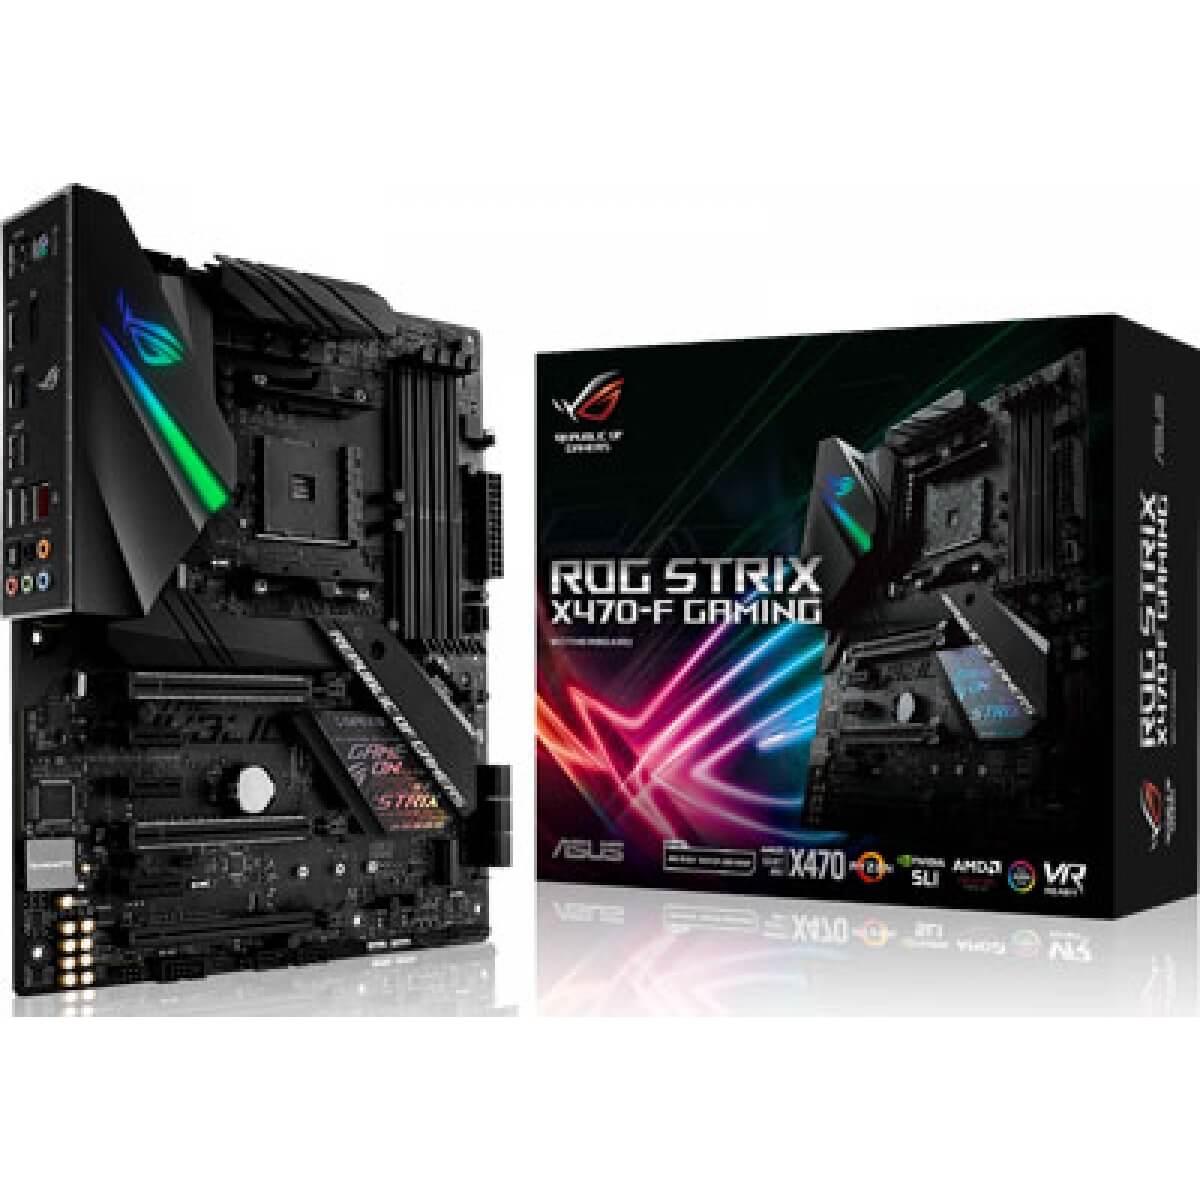 Placa mãe Asus Rog Strix X470-F Gaming DDR4 AMD AM4